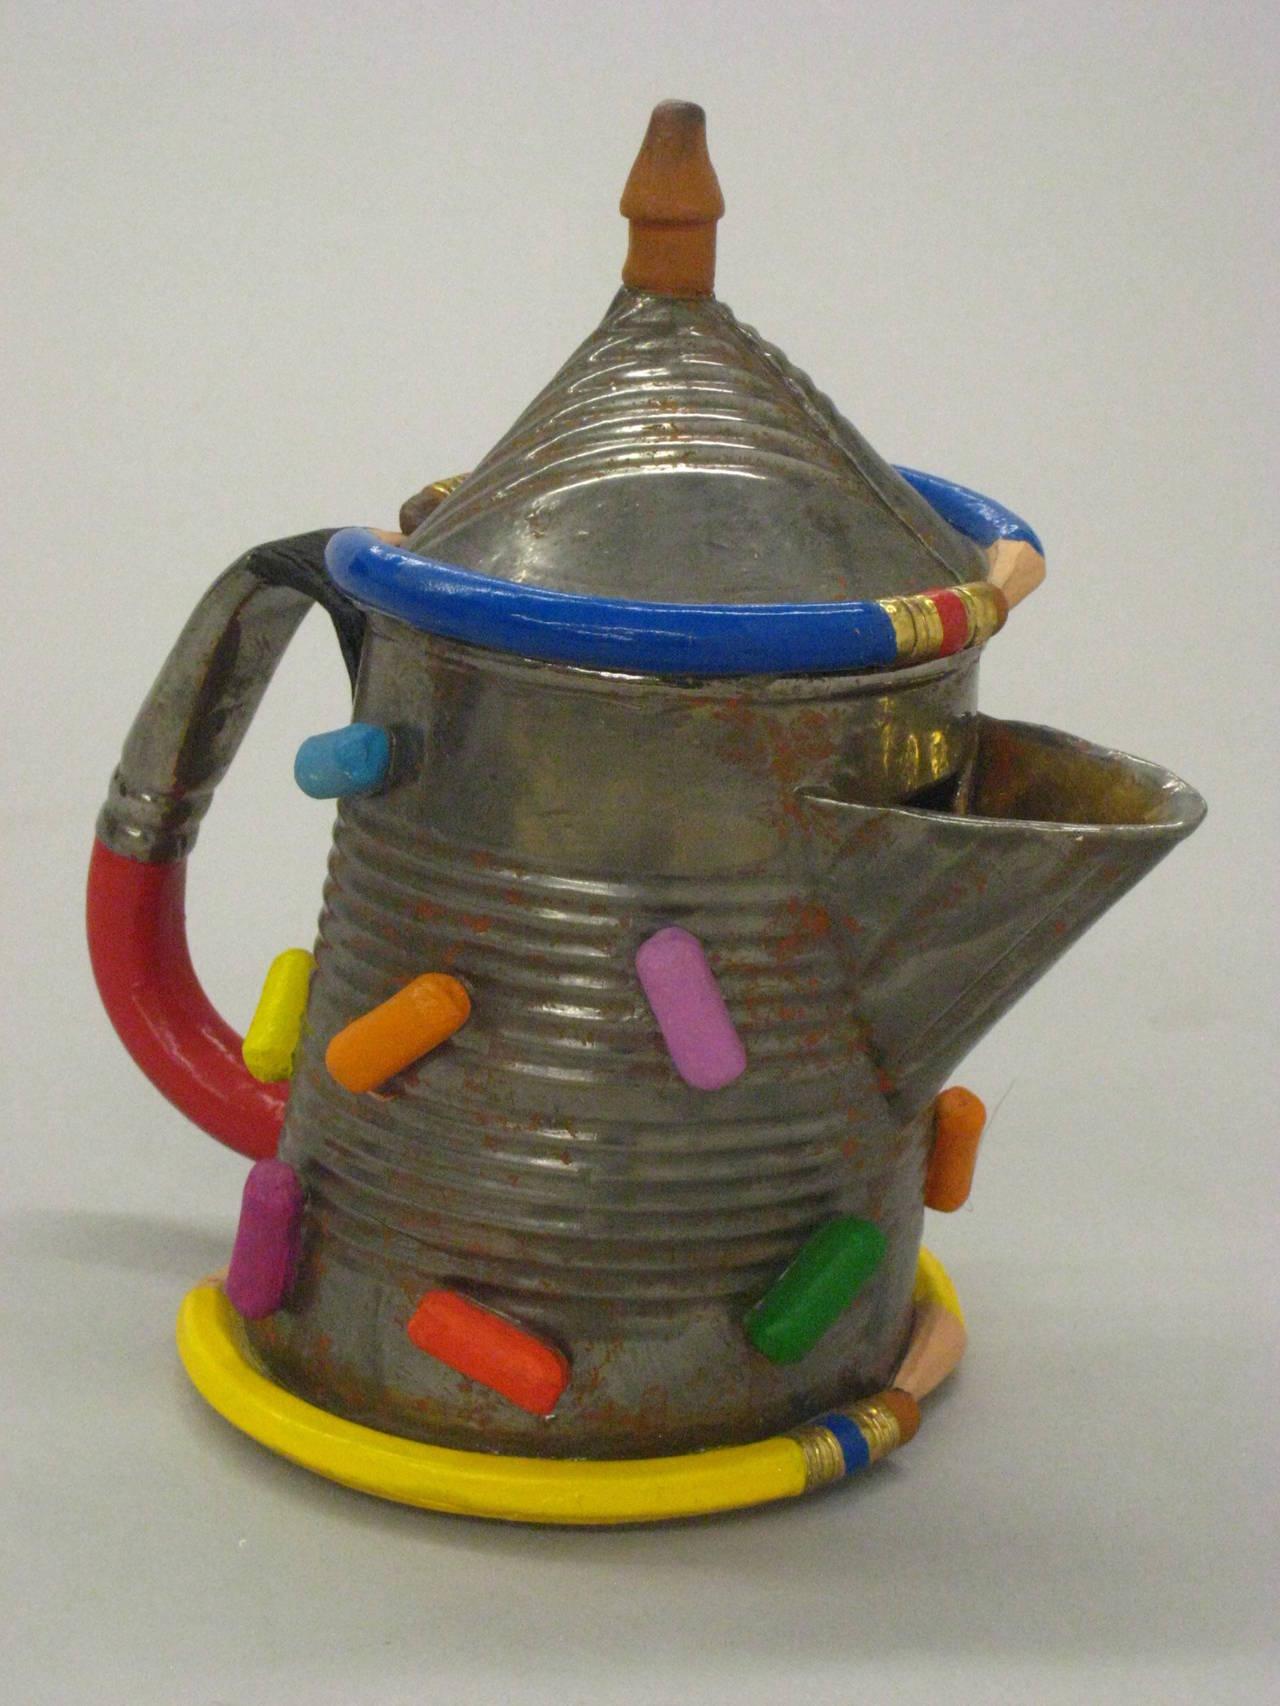 David Furman Tin Can Teapot For Sale At 1stdibs